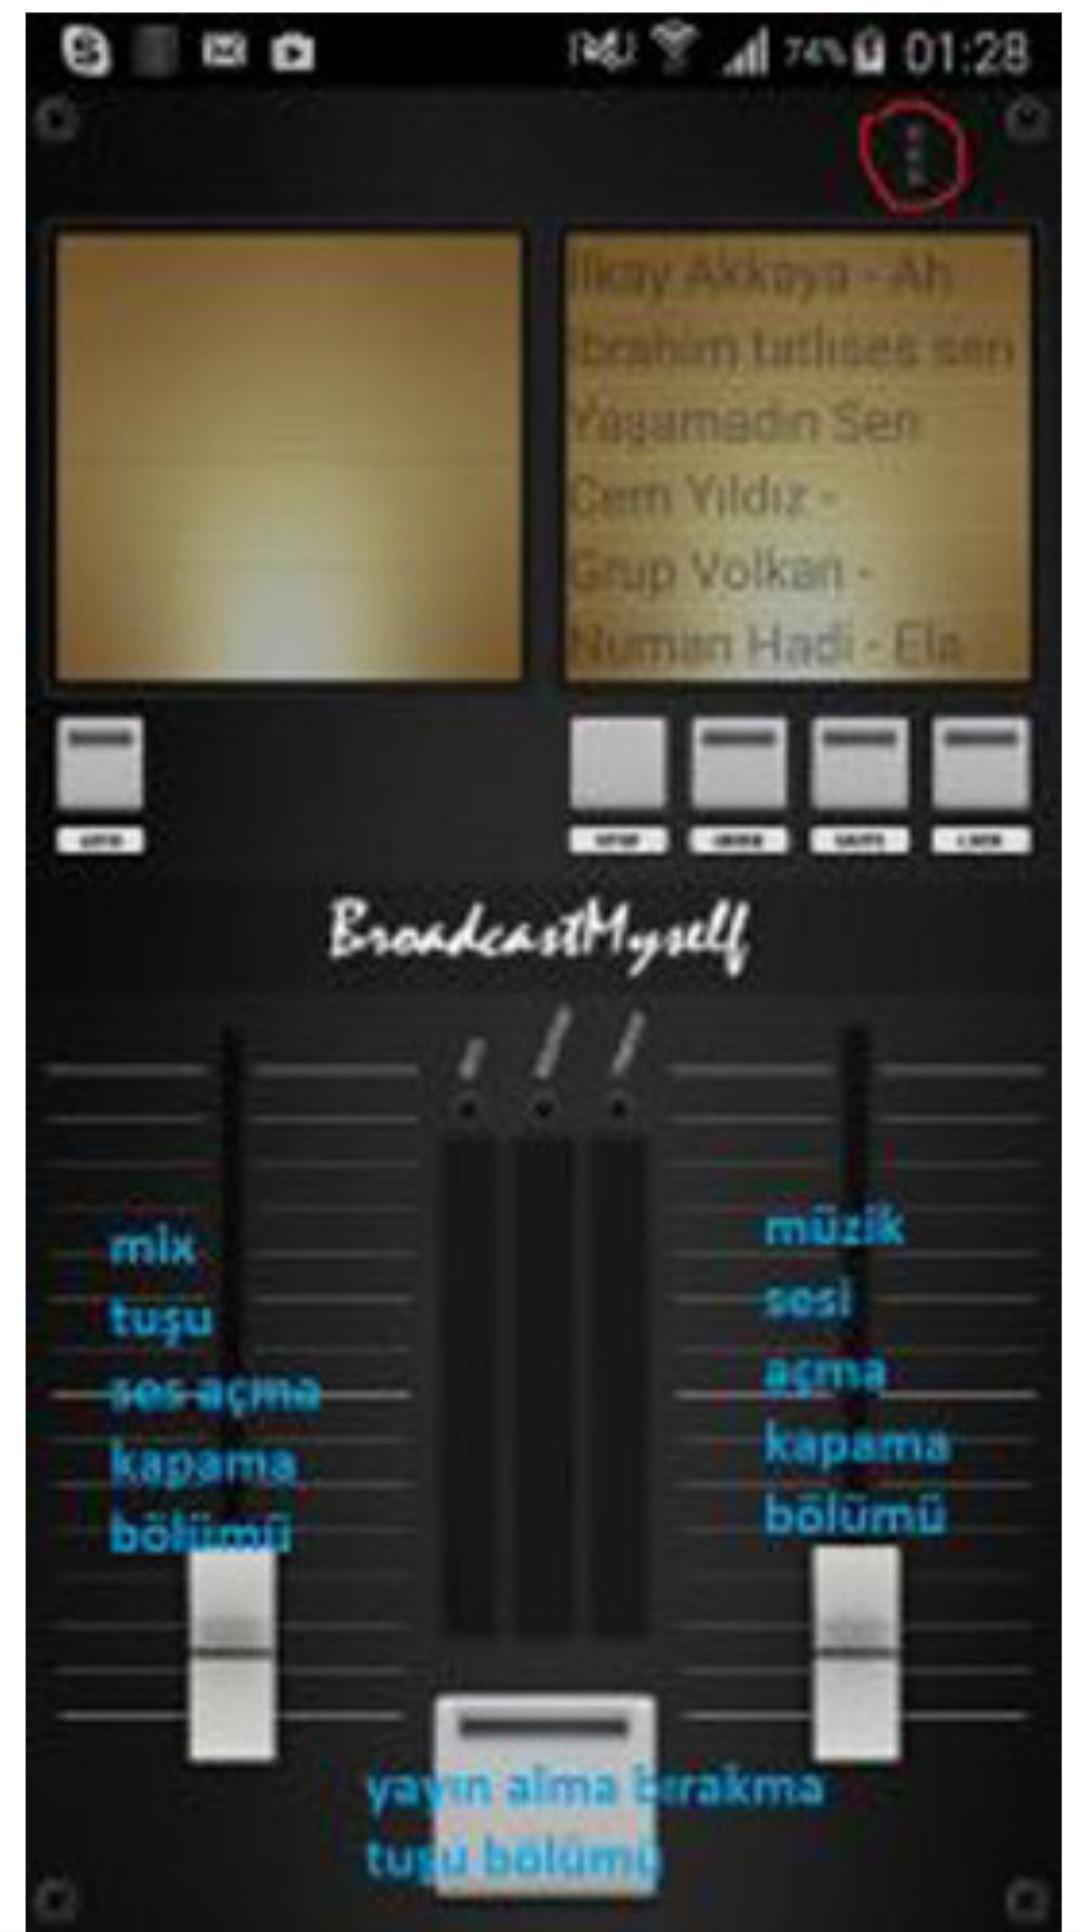 BroadCast MySelf